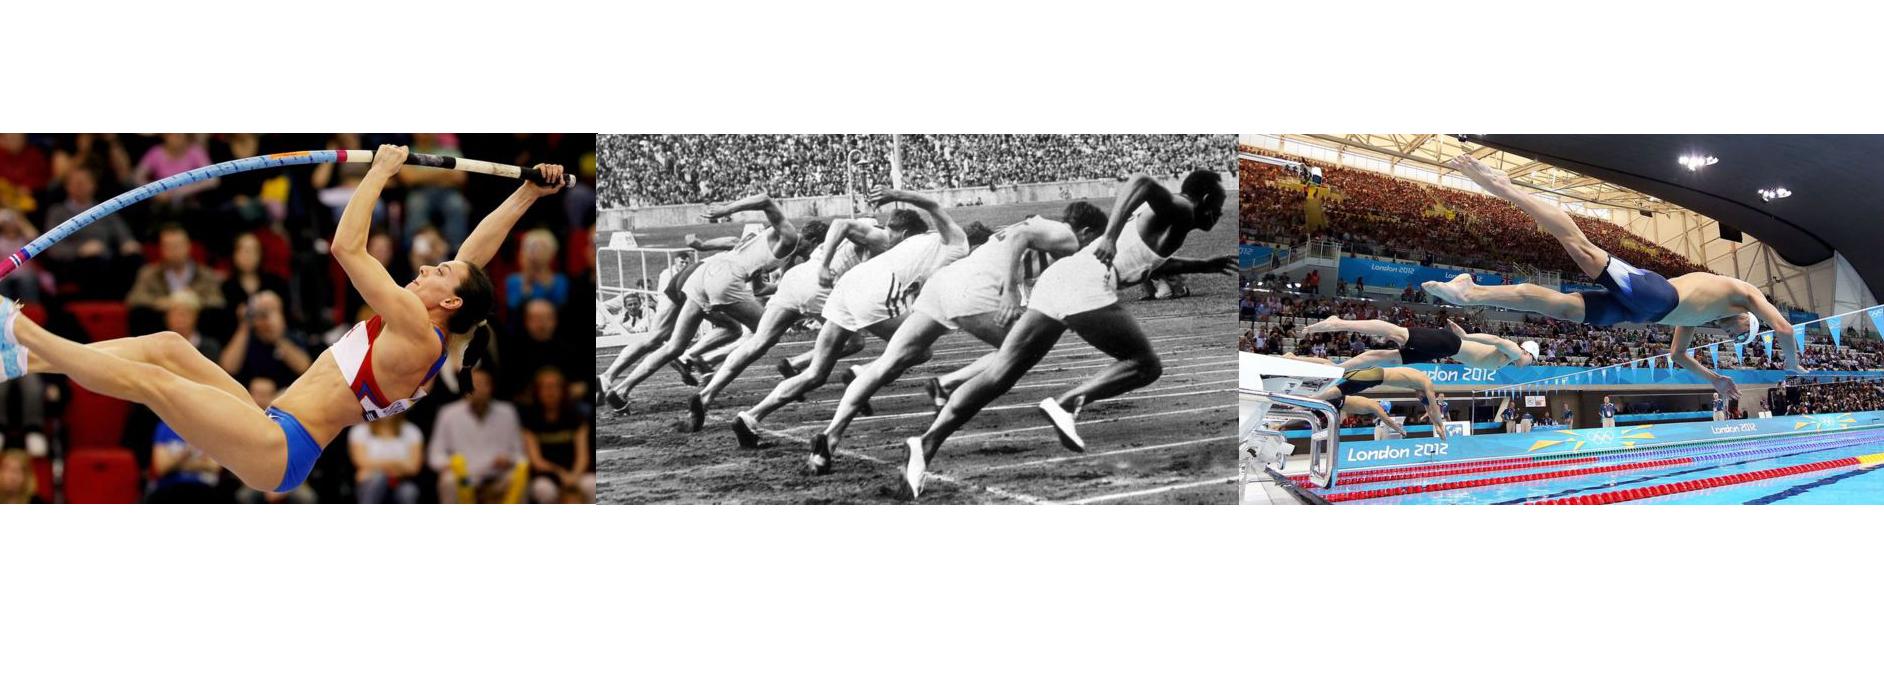 Desde sus inicios en 1896, los atuendos que utilizan los atletas olímpicos han ido evolucionandotras cada edición ya sea por comodidad o tecnologías aplicadas